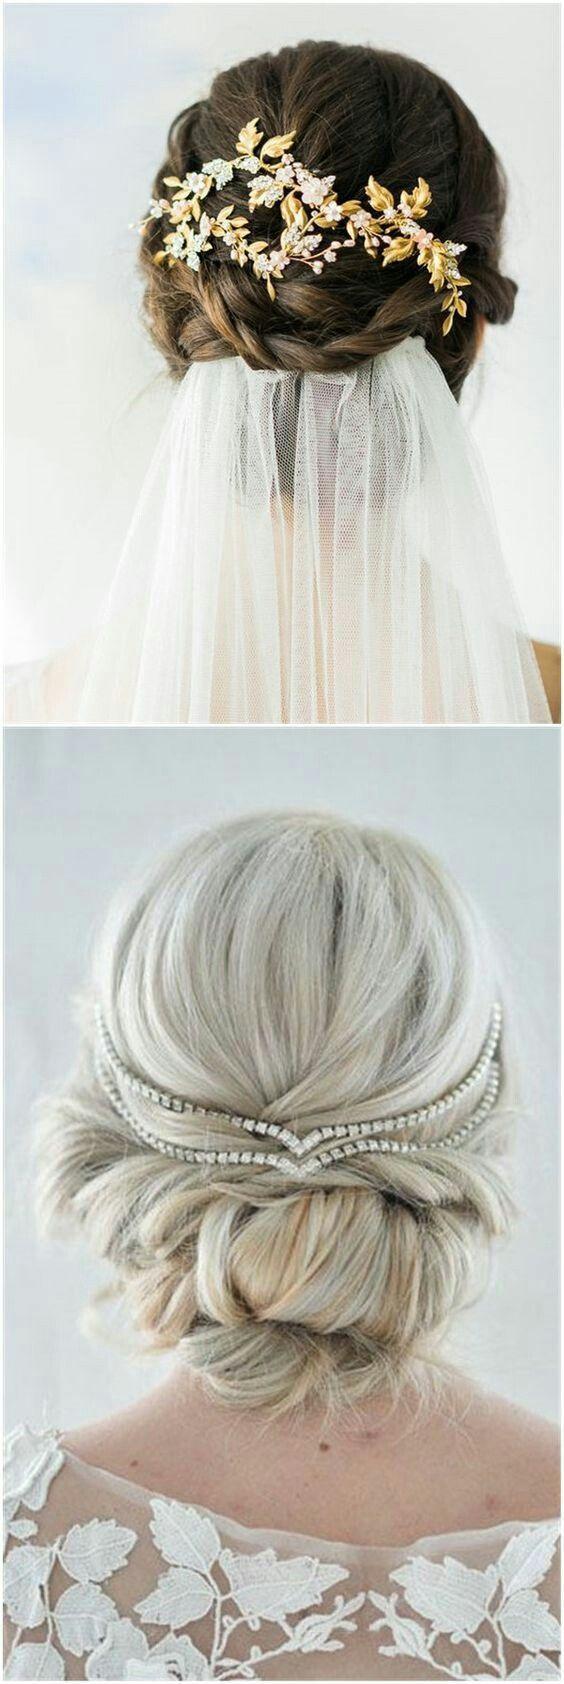 accessoires cheveux coiffure mariage chignon mariée bohème romantique retro, BIJOUX MARIAGE (1 ...